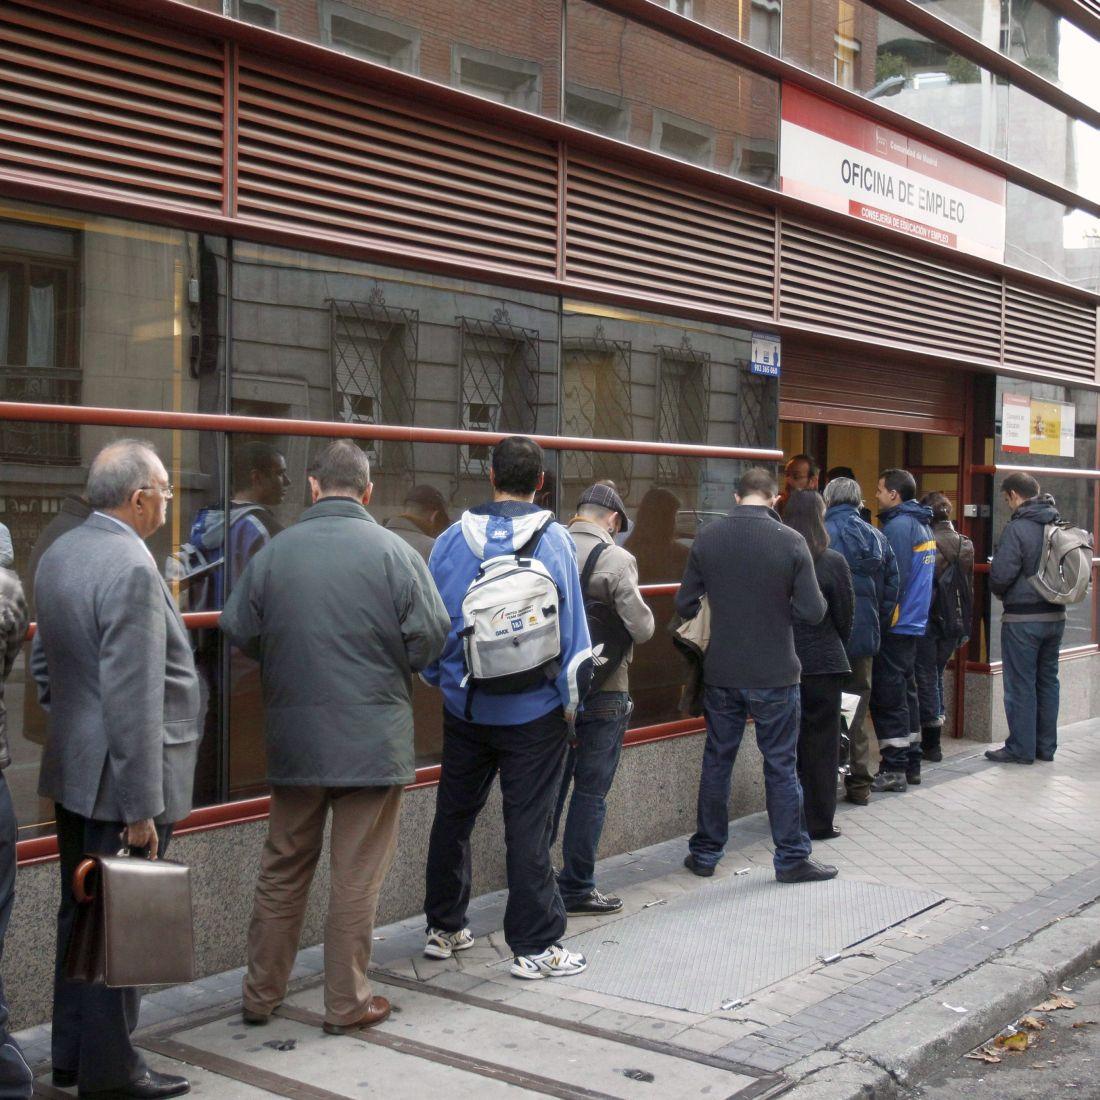 Рекордна безработица в еврозоната, в България - 12.6% | Днес.dir.bg